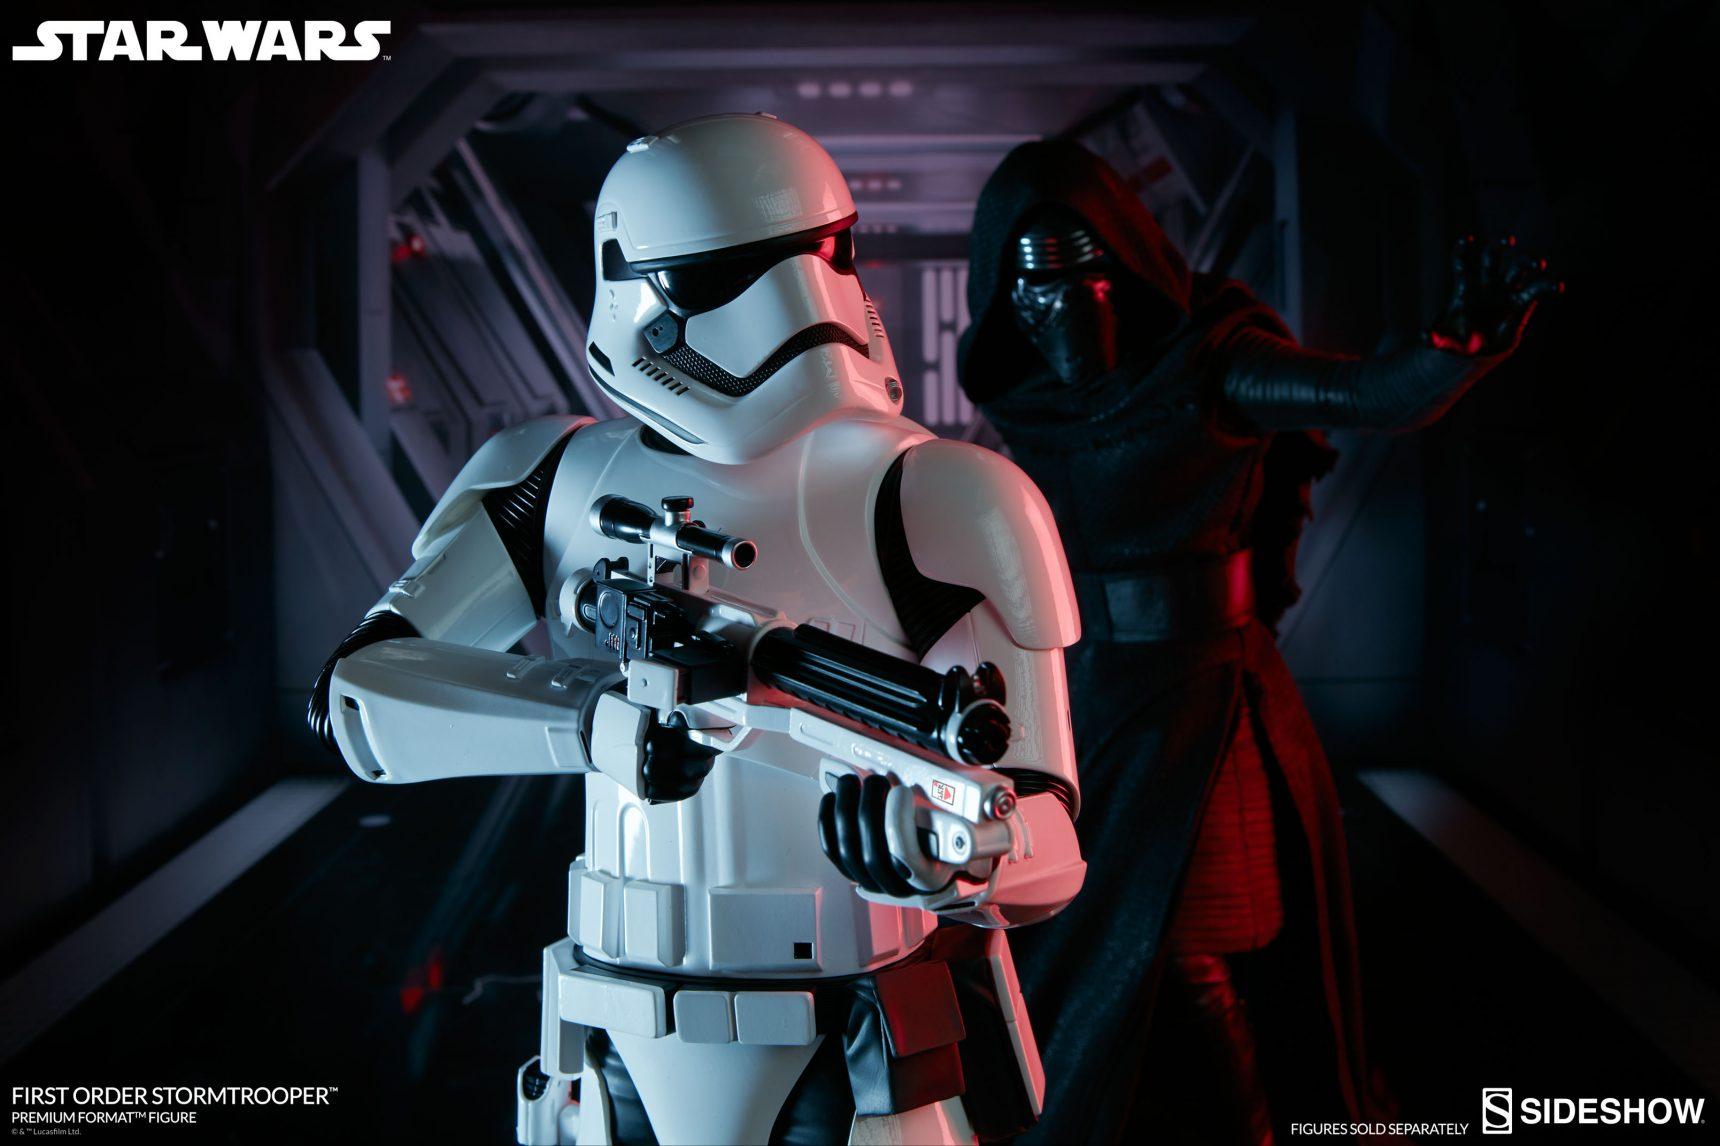 #shortcut: Bilder und Termin zur First Order Stormtrooper Premium Format